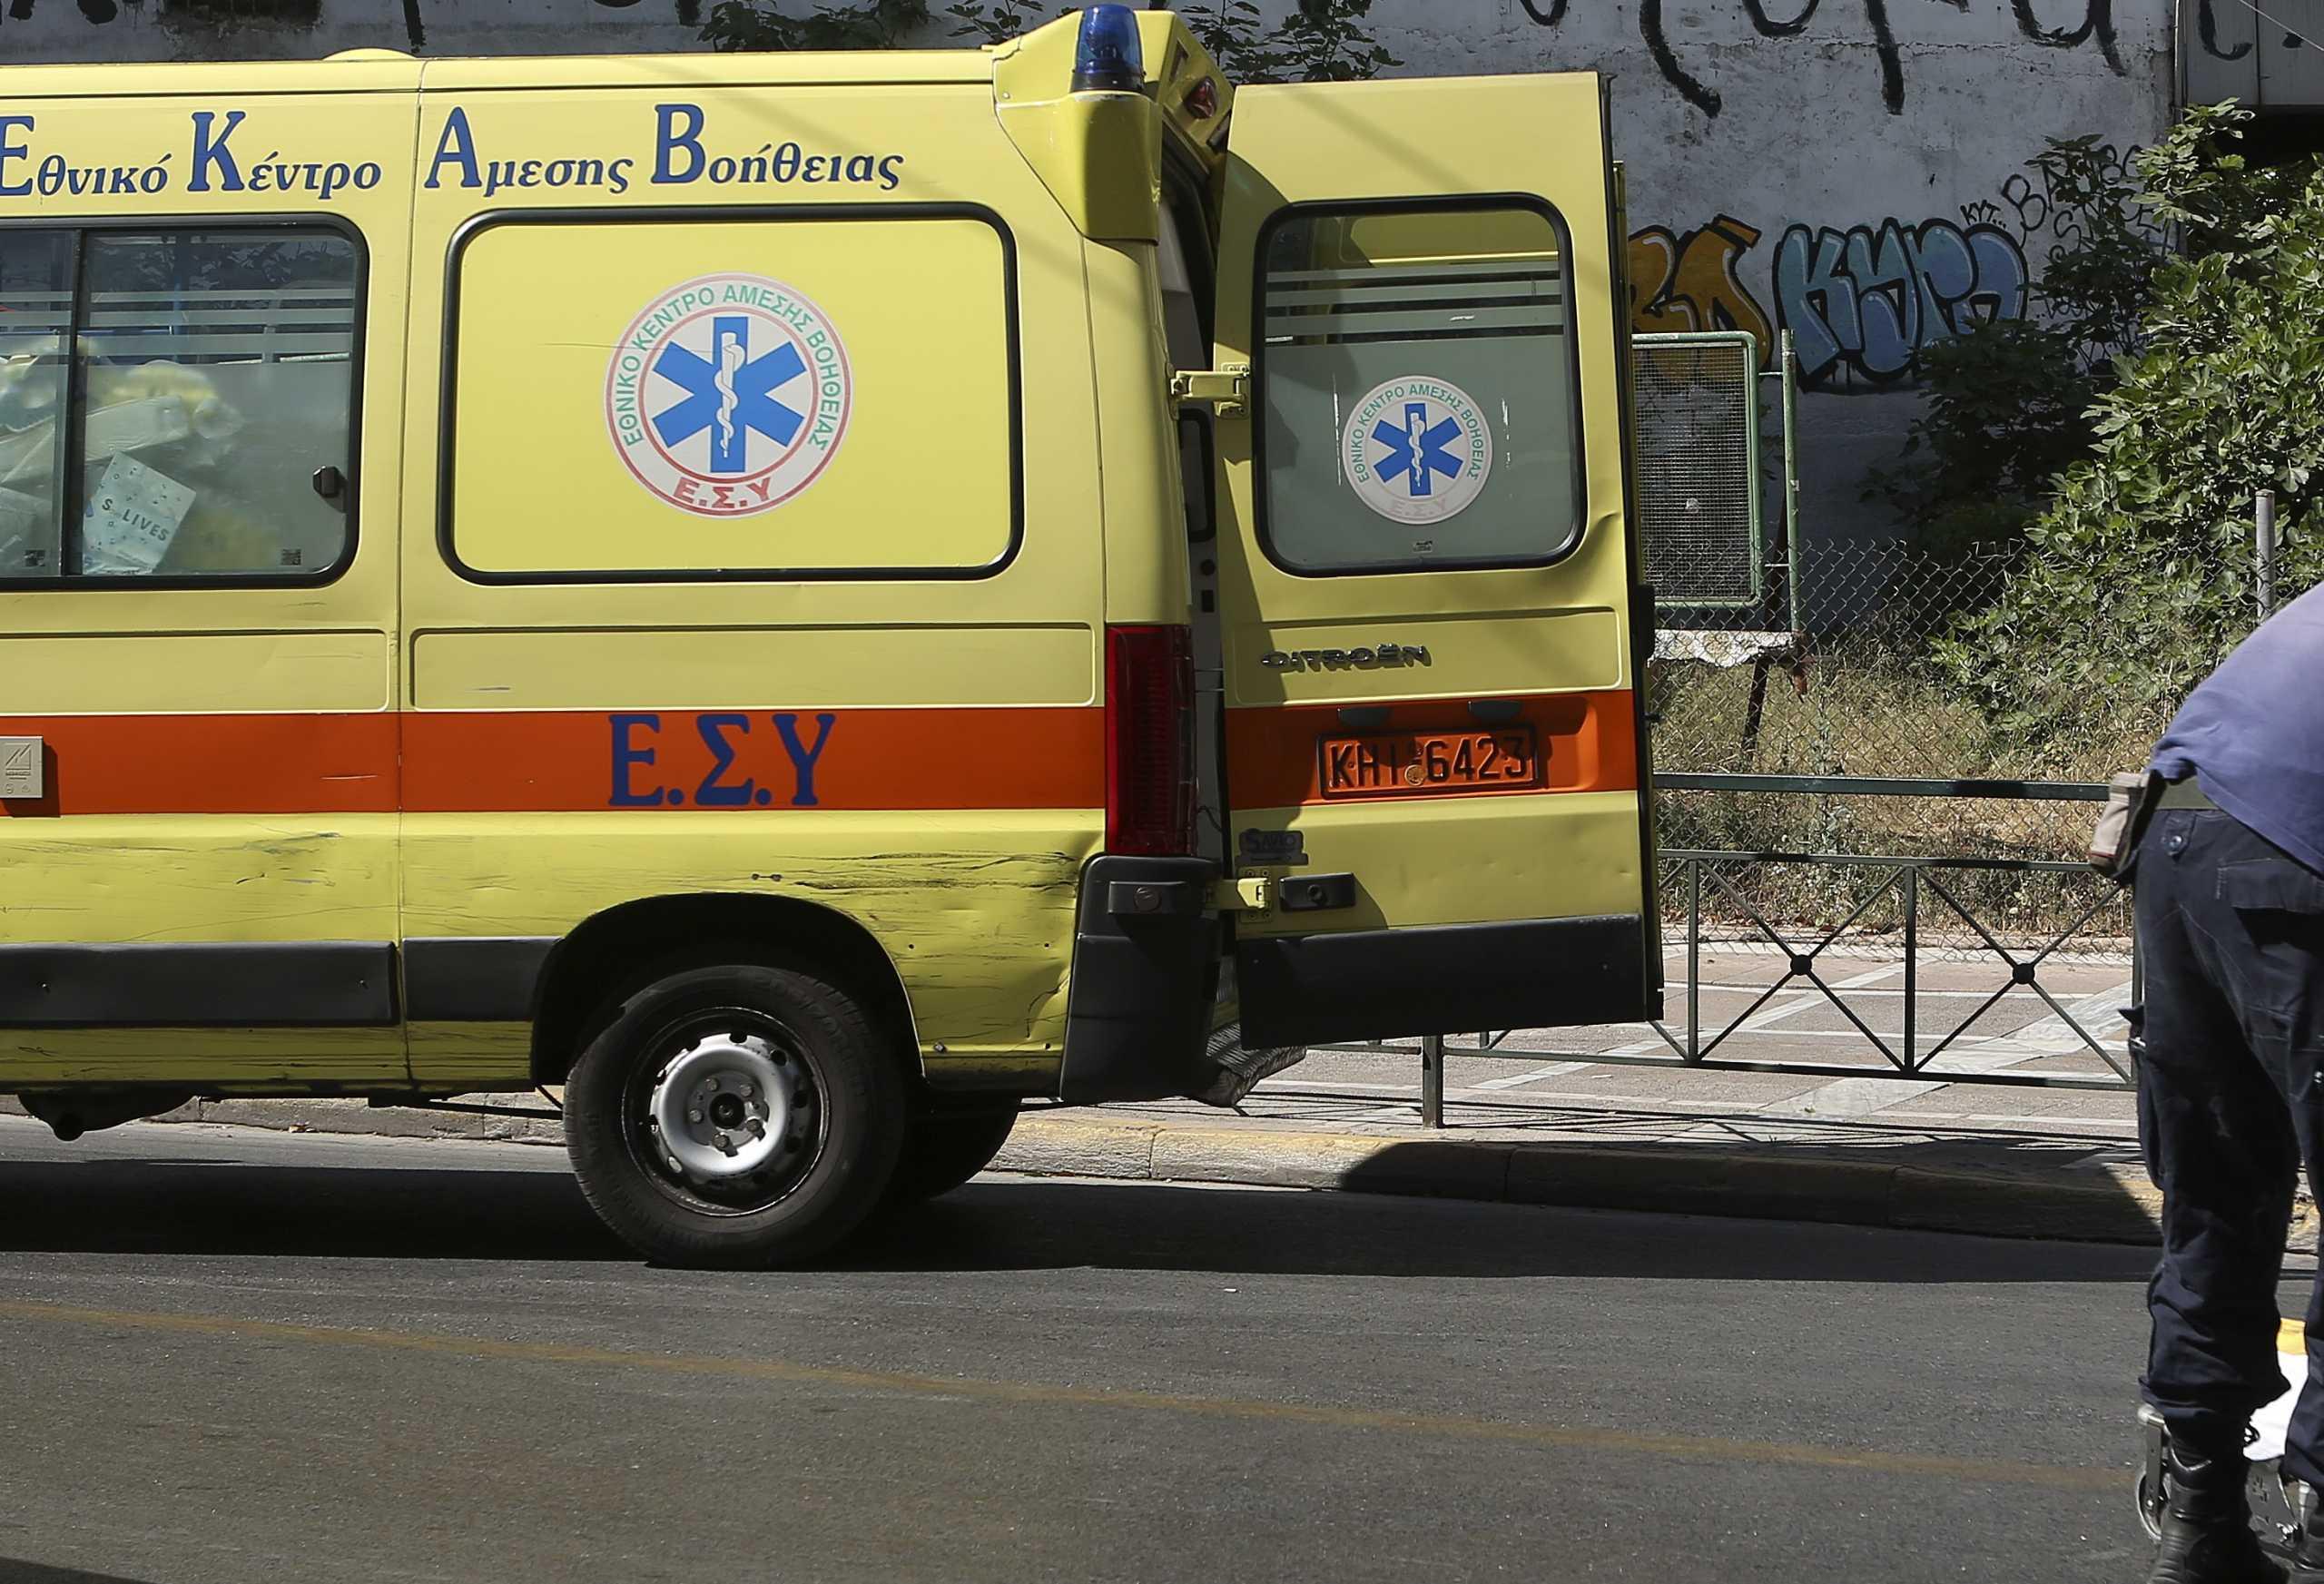 Τροχαίο με ασθενοφόρο στη Θεσσαλονίκη – Τραυματίστηκε και ο ασθενής